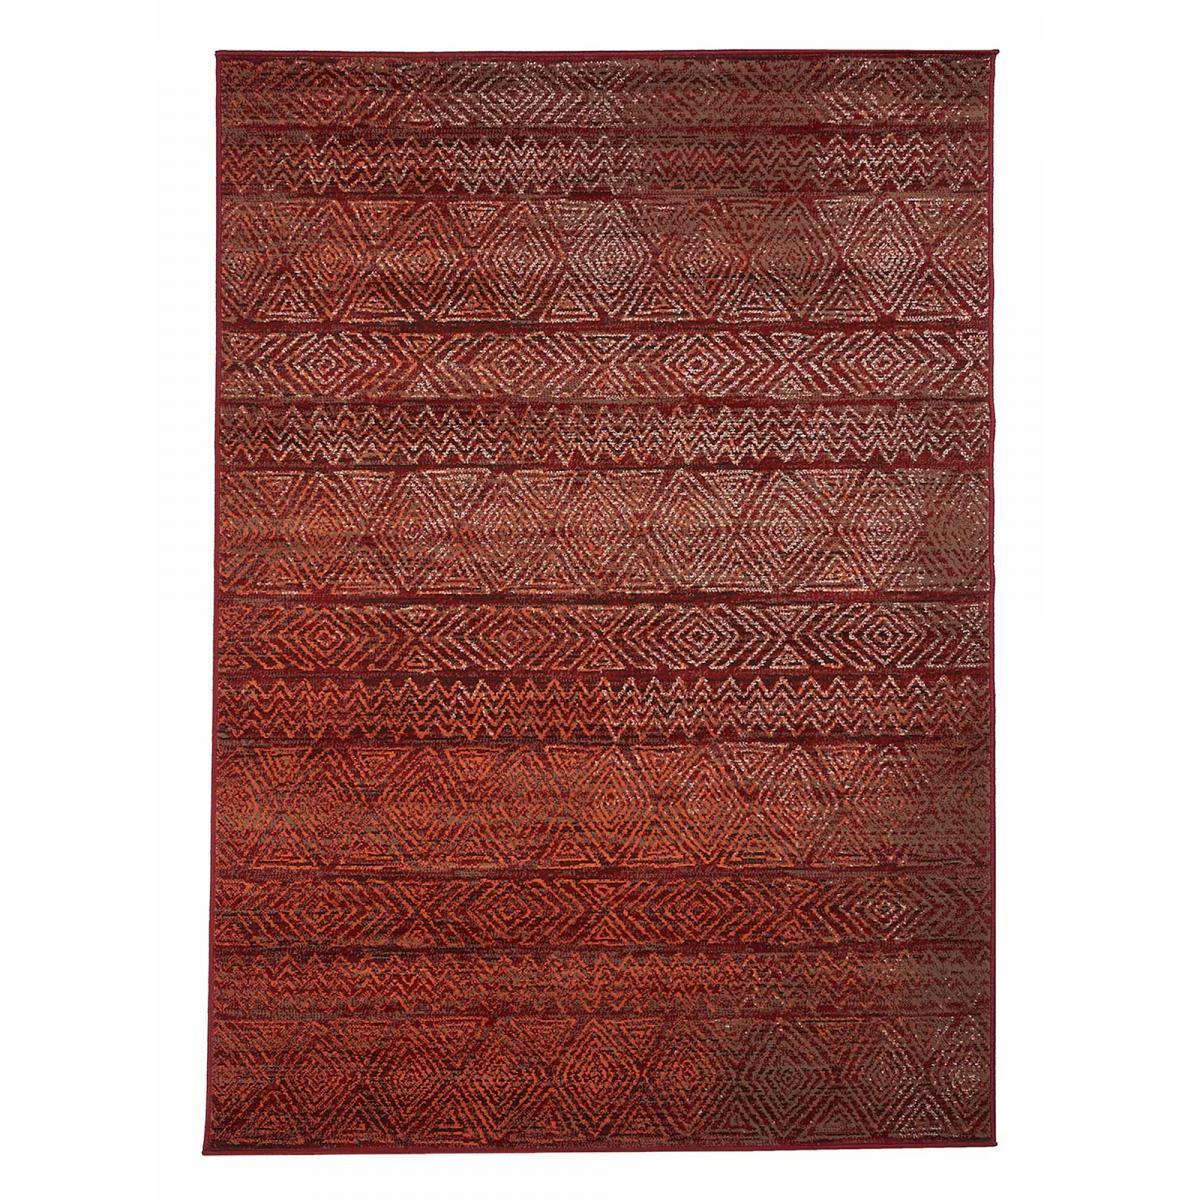 Tapis berbère style en polypropylène rouge 80x150